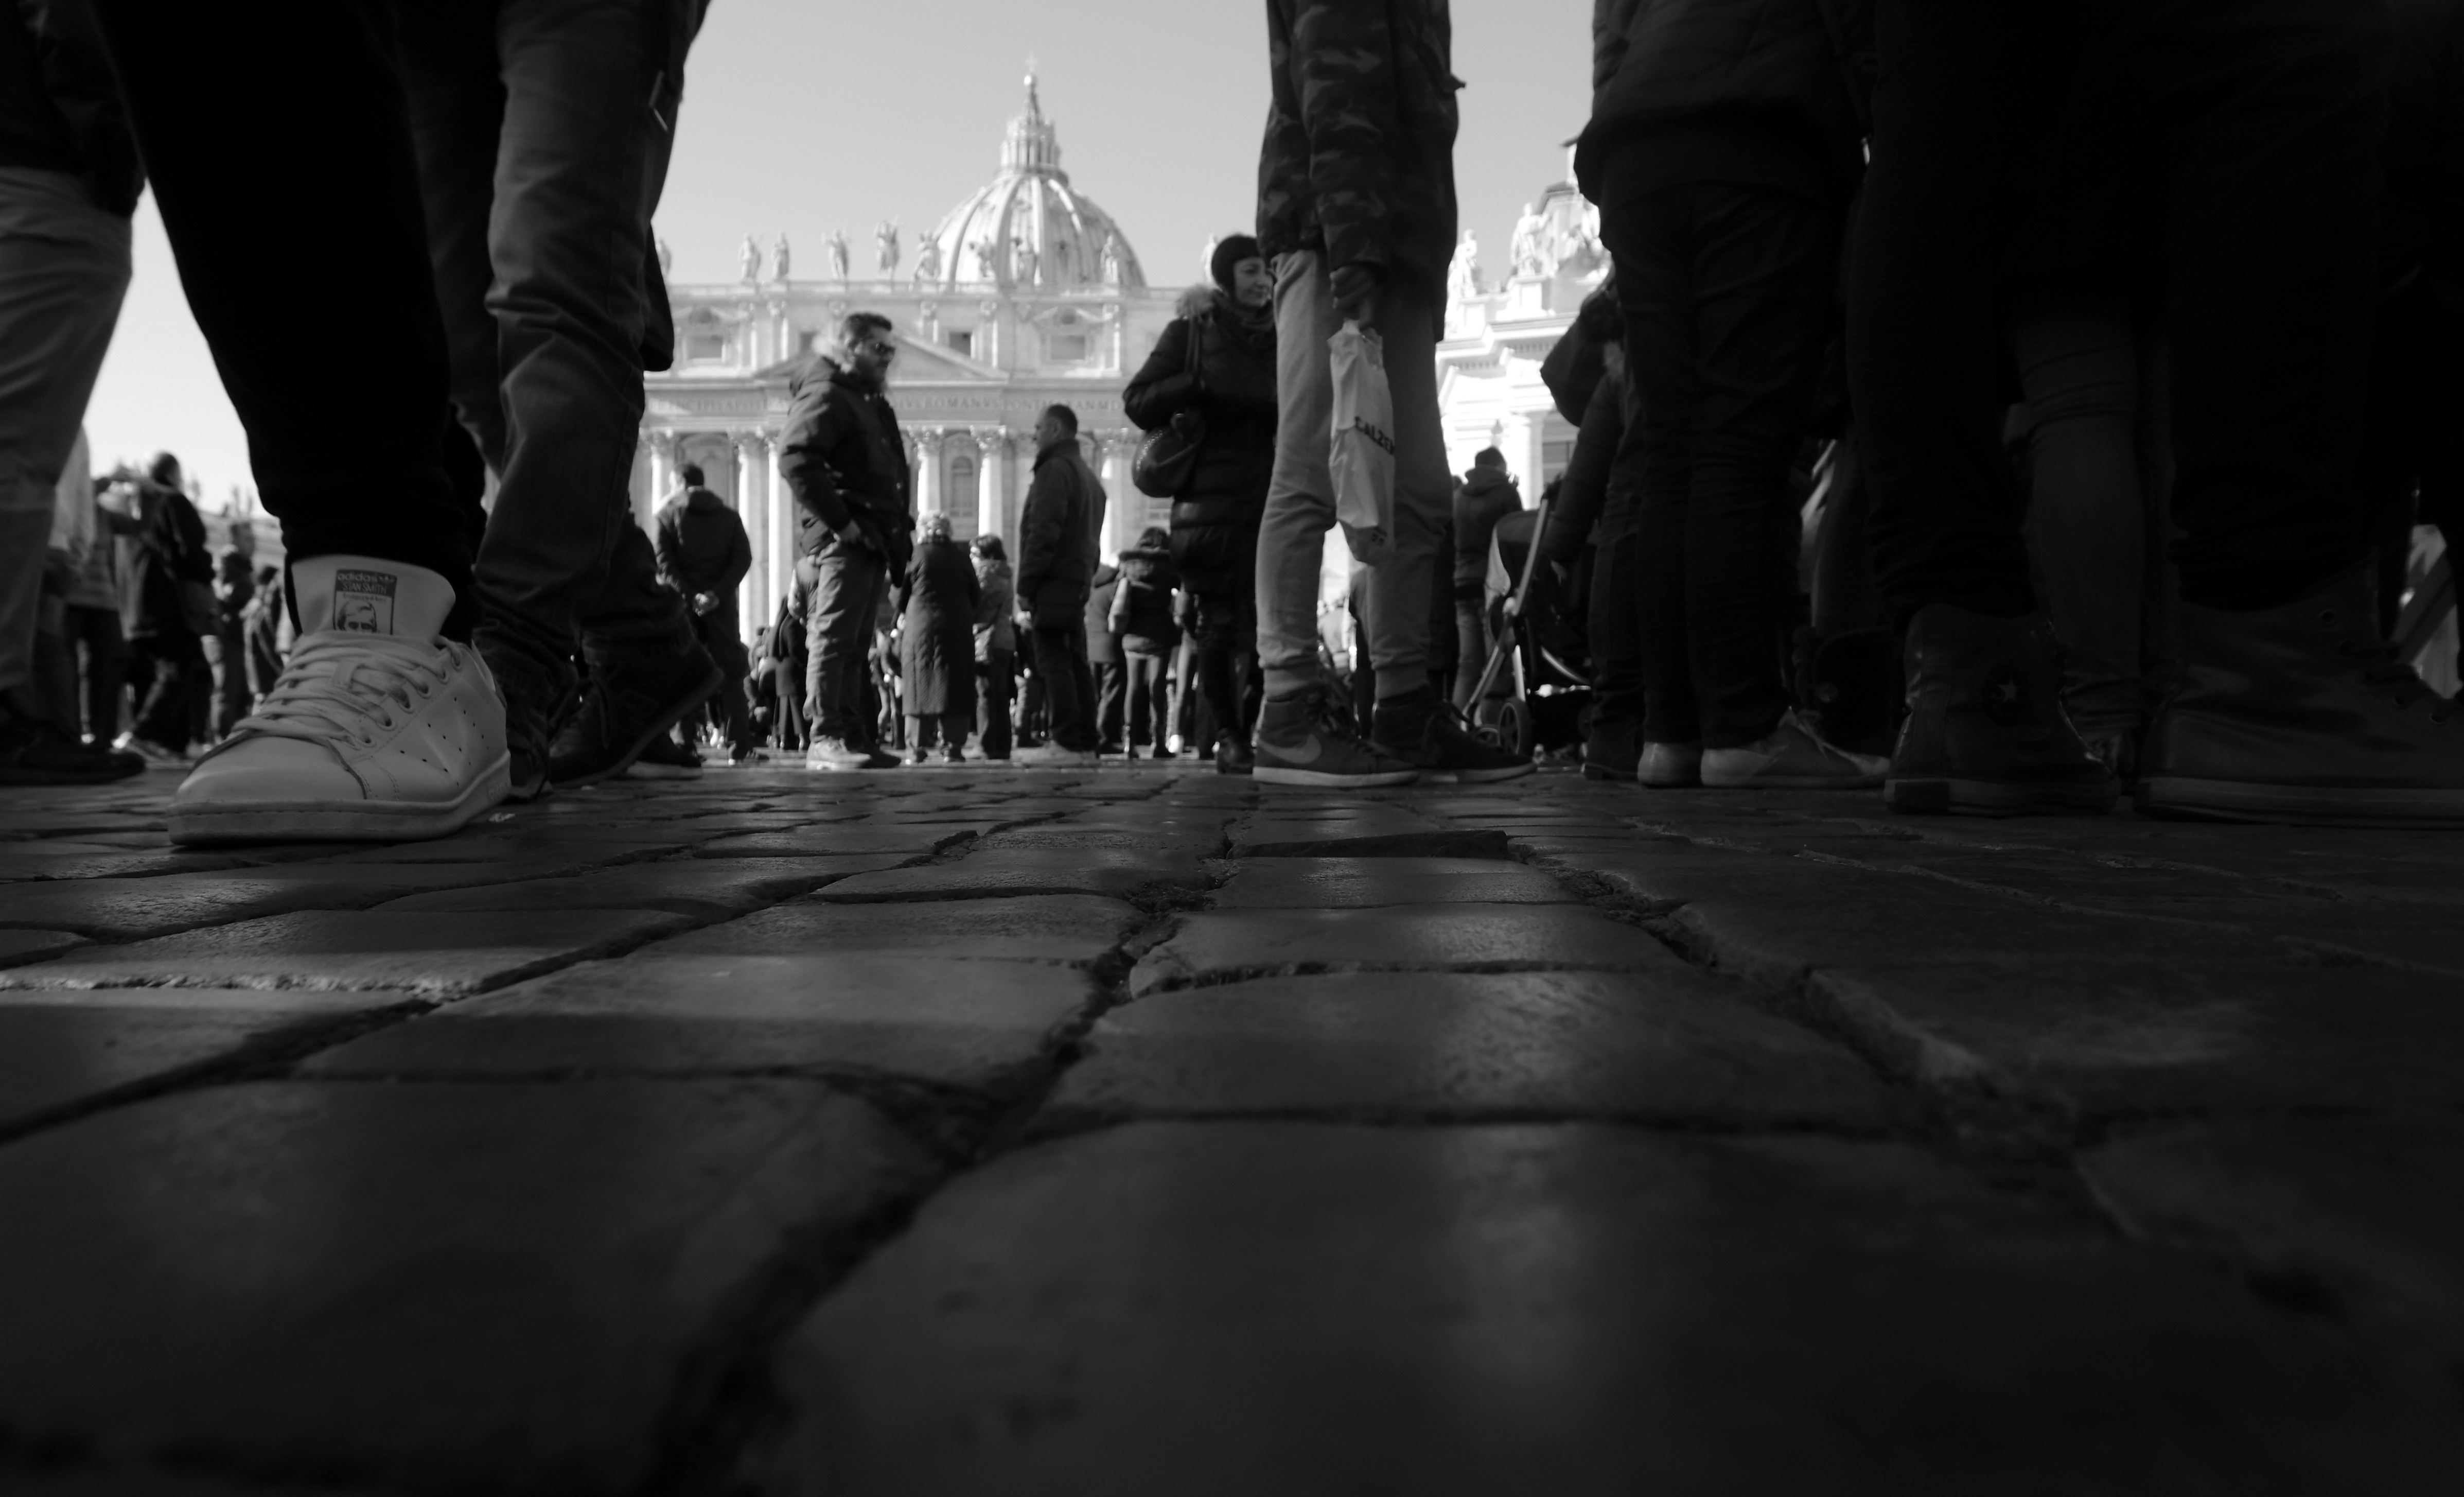 Più street di così..  di letiziacaprettiphotography